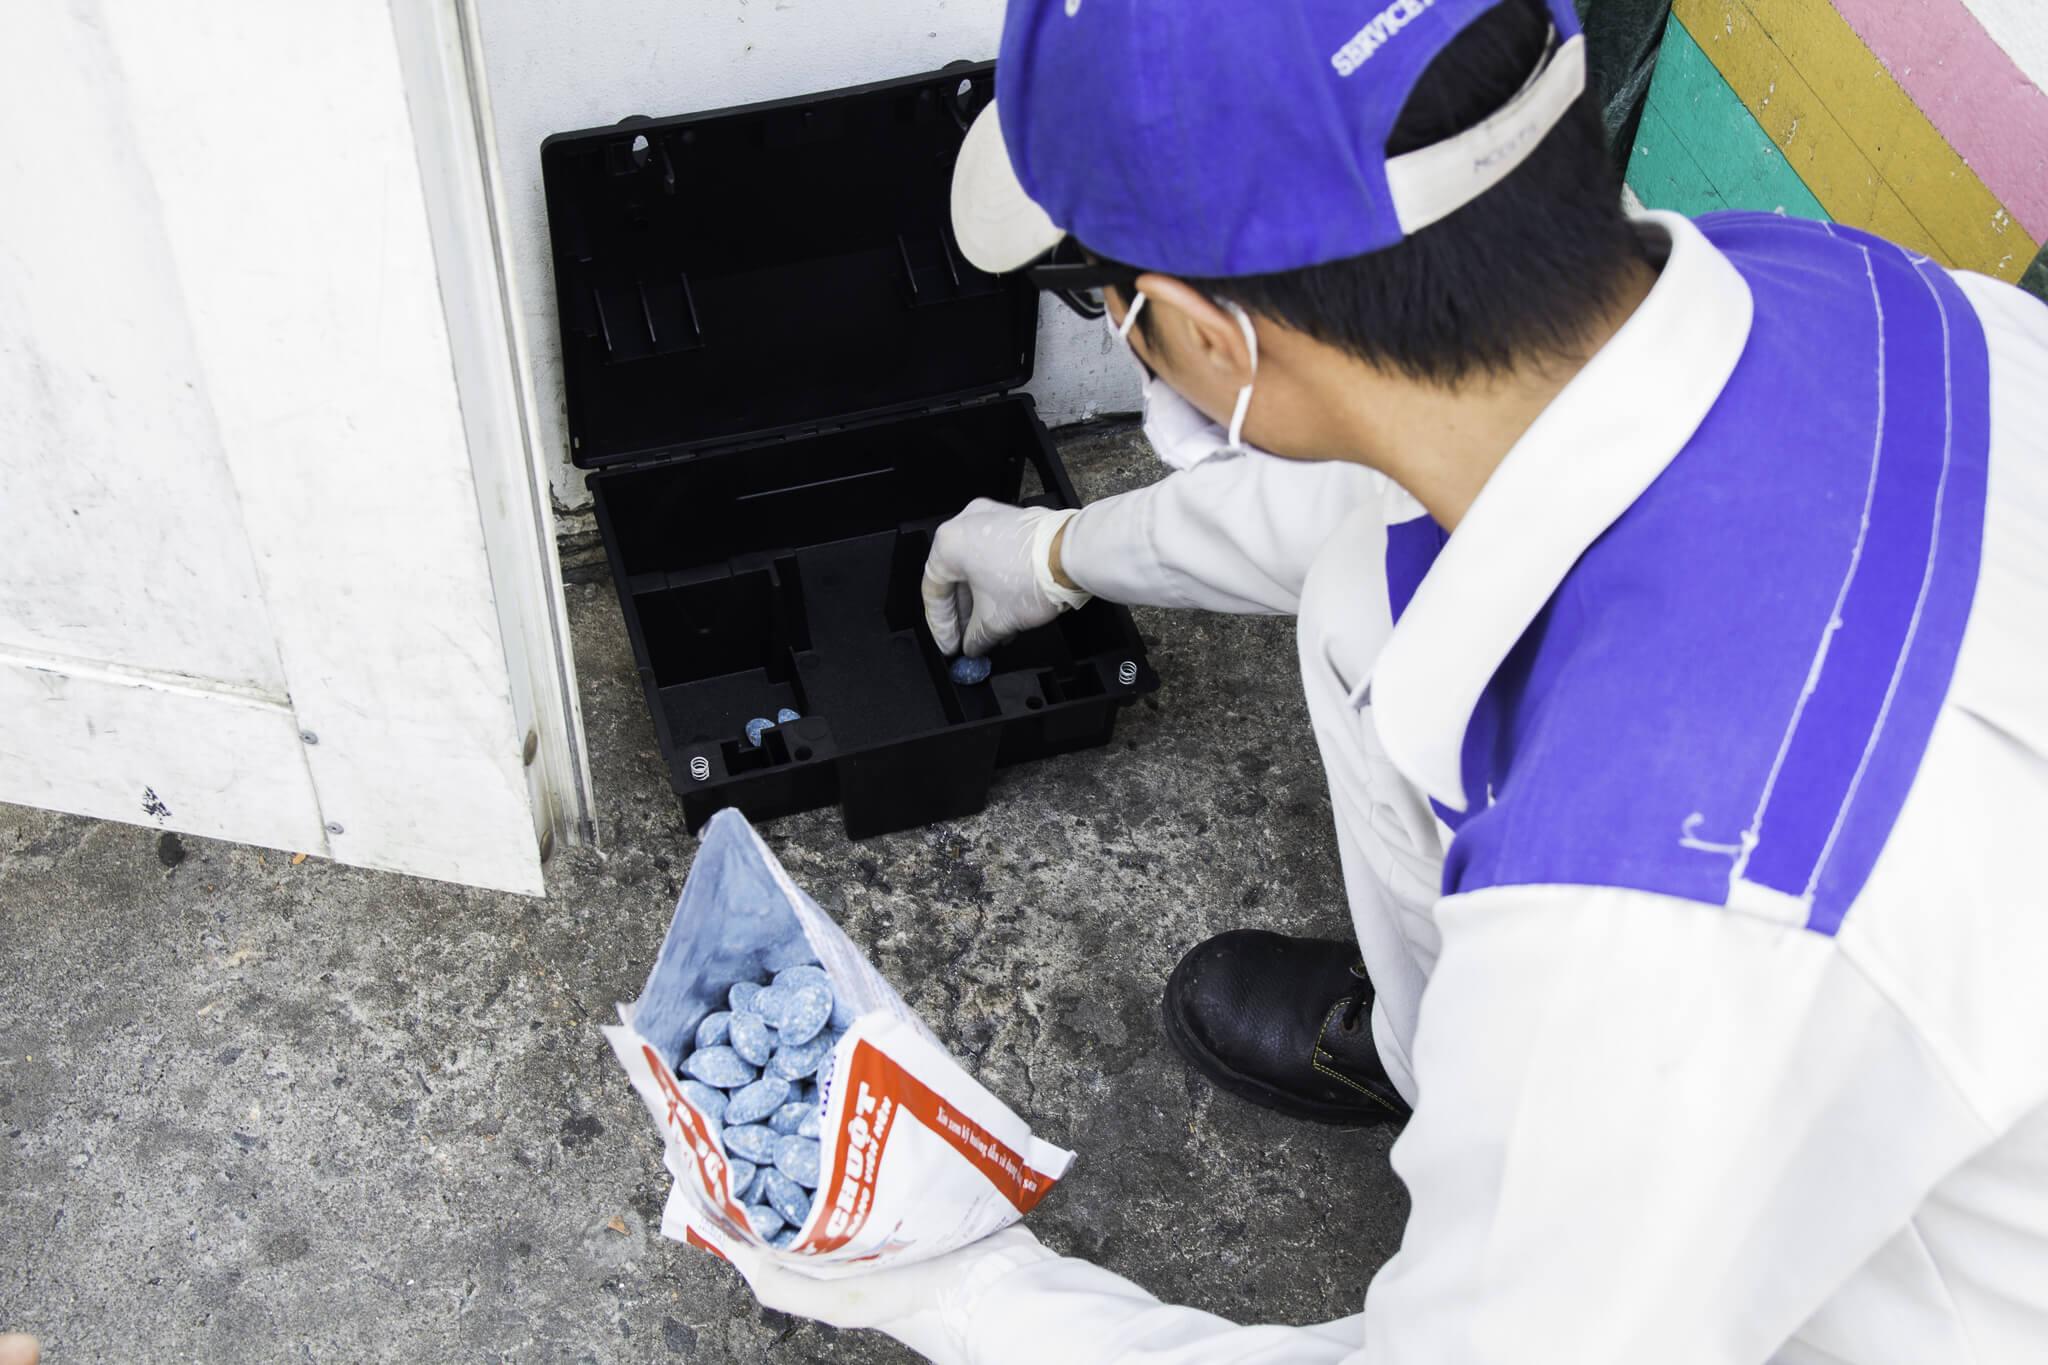 Dịch vụ diệt chuột tại nhà hiệu quả và an toàn nhất